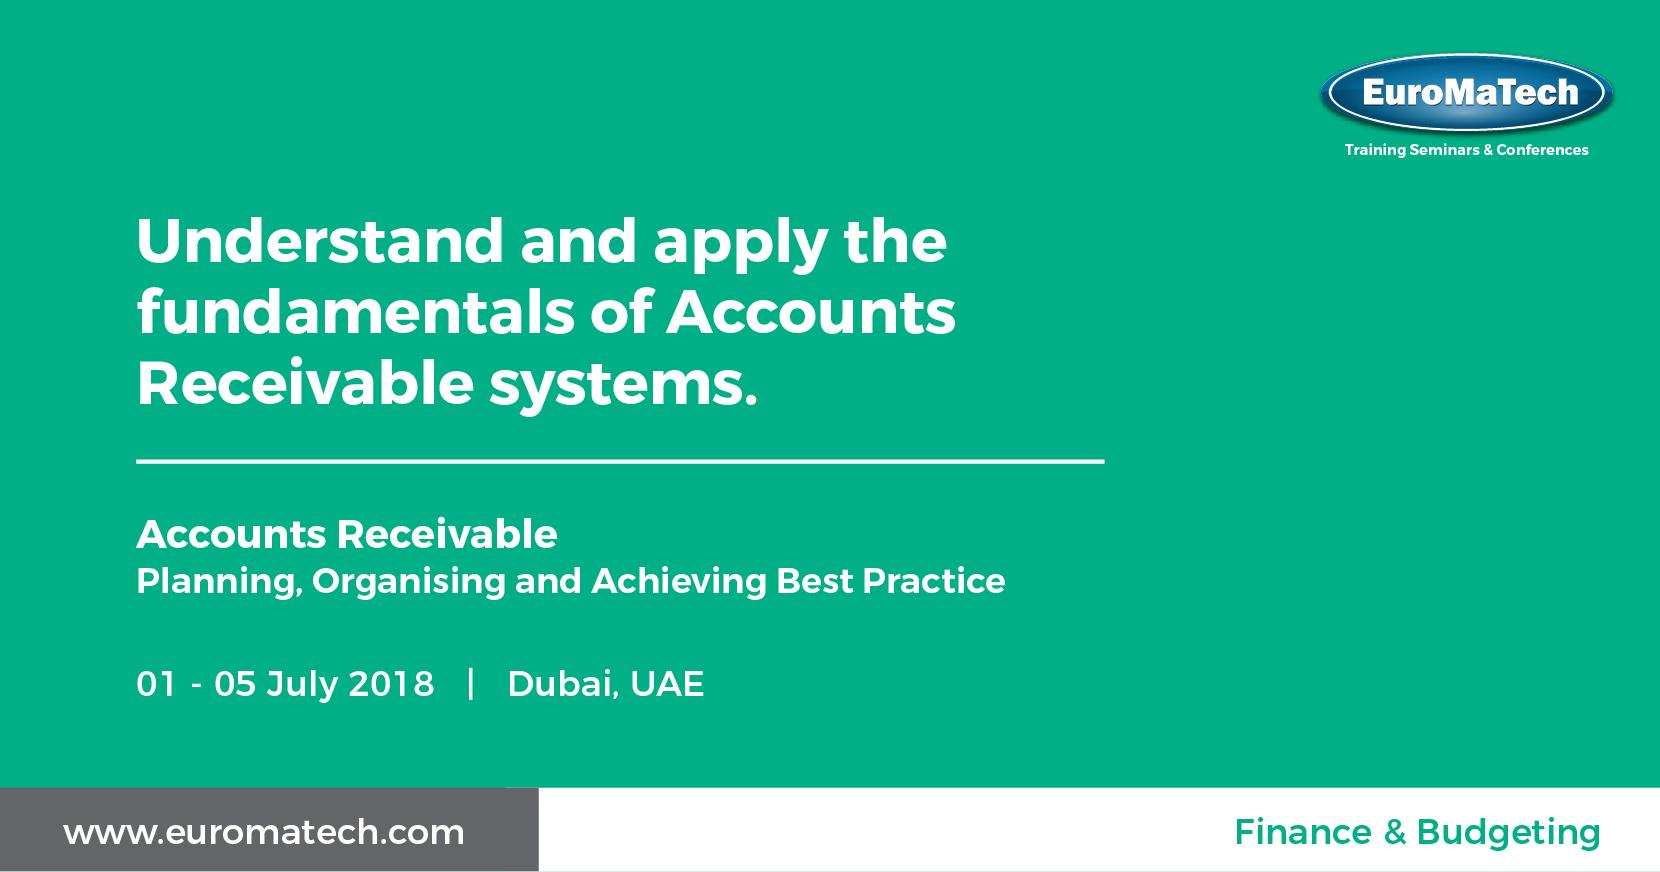 Accounts Receivable Training Course